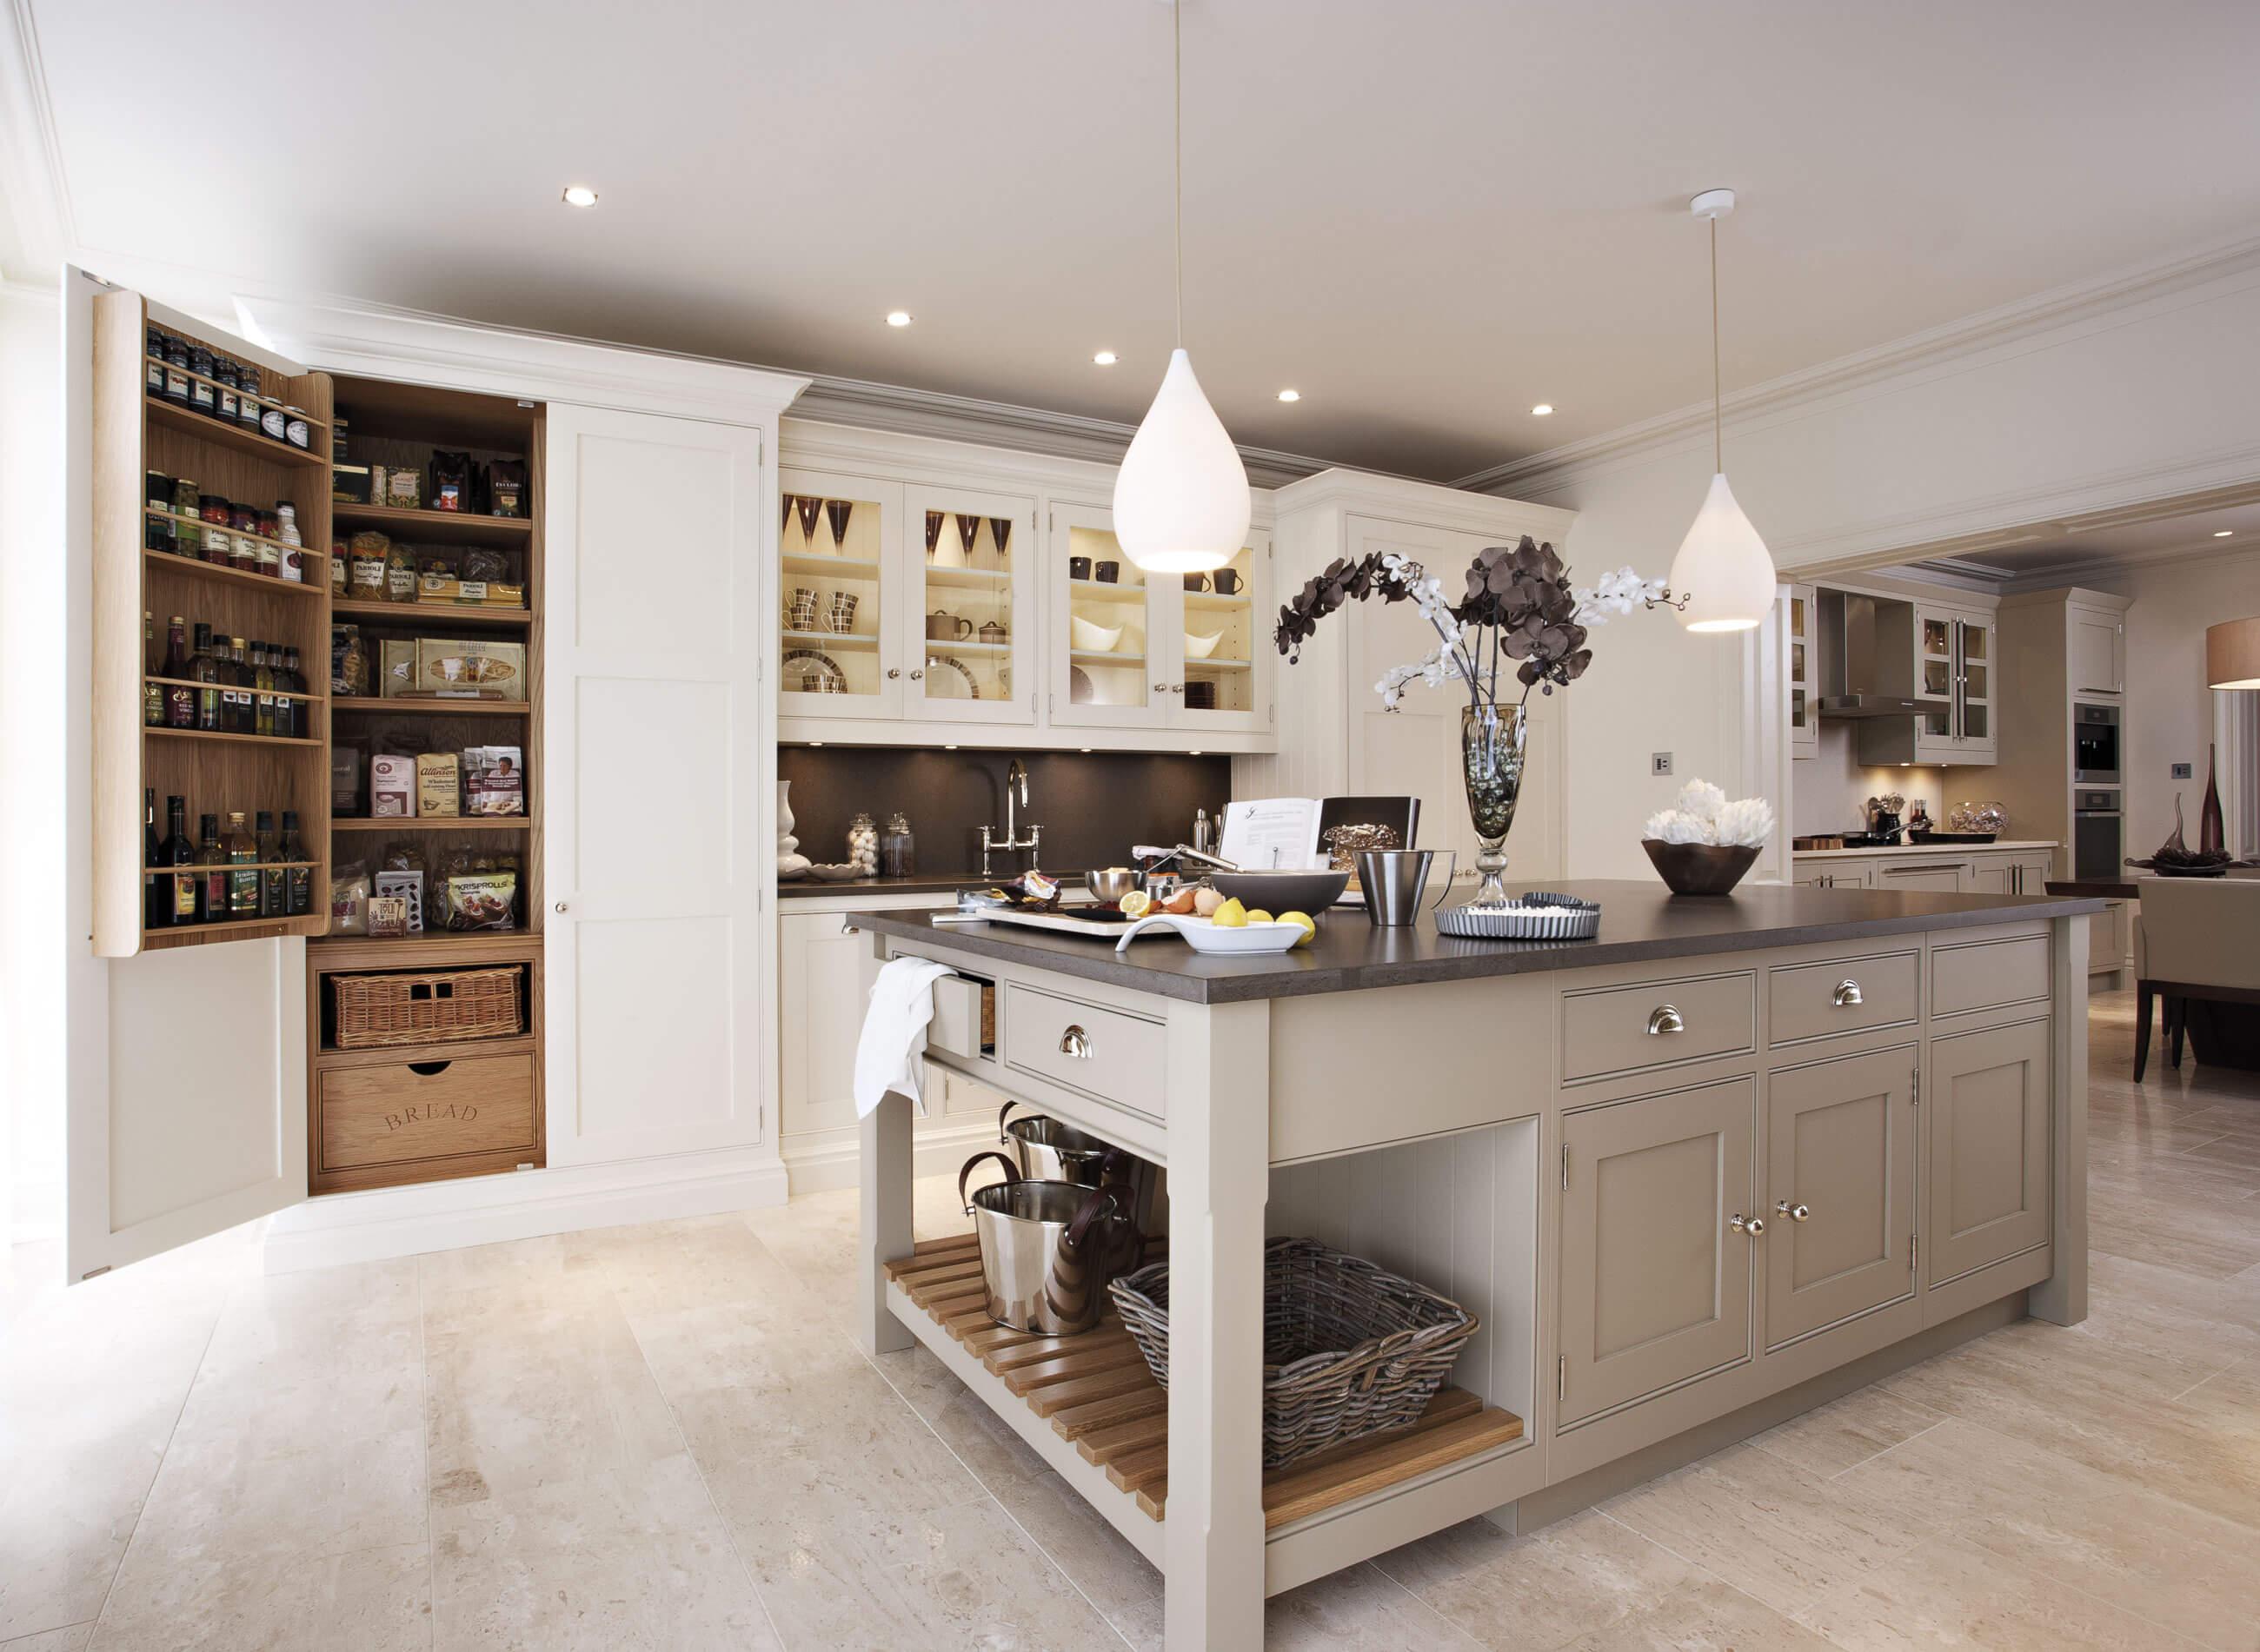 Chọn mẫu tủ bếp hiện đại như thế nào cho ngôi nhà của bạn? post image